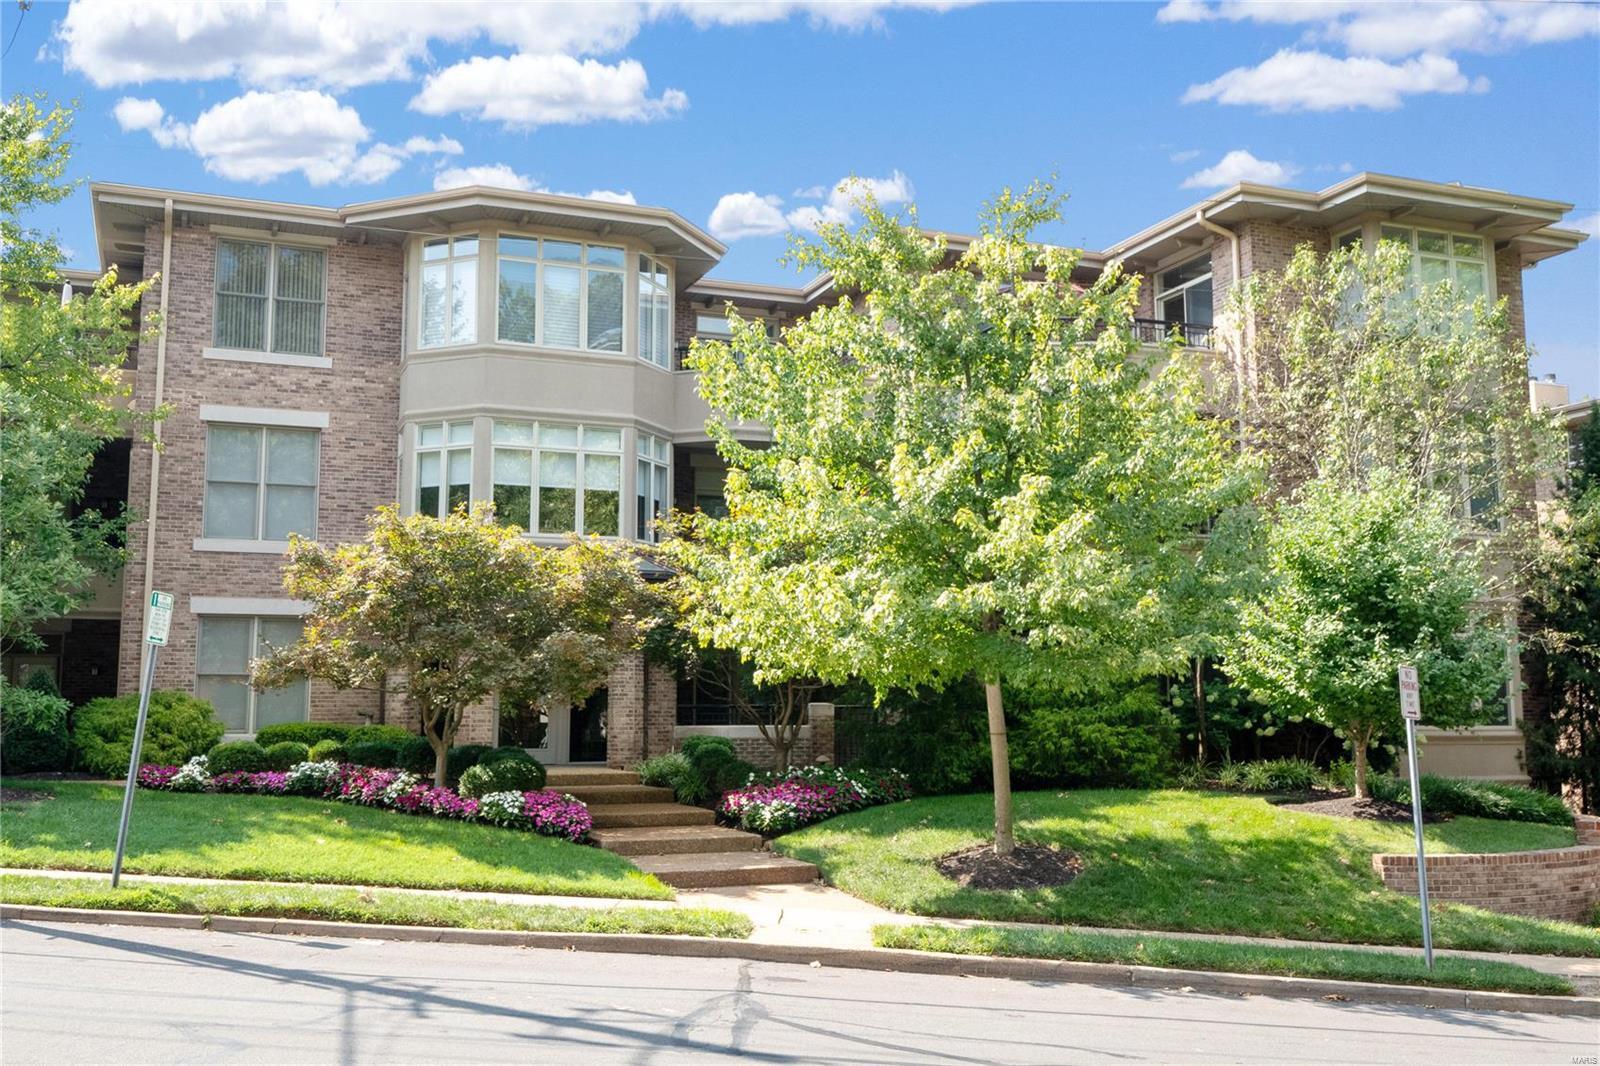 315 N Meramec A Condo Real Estate Listings Main Image